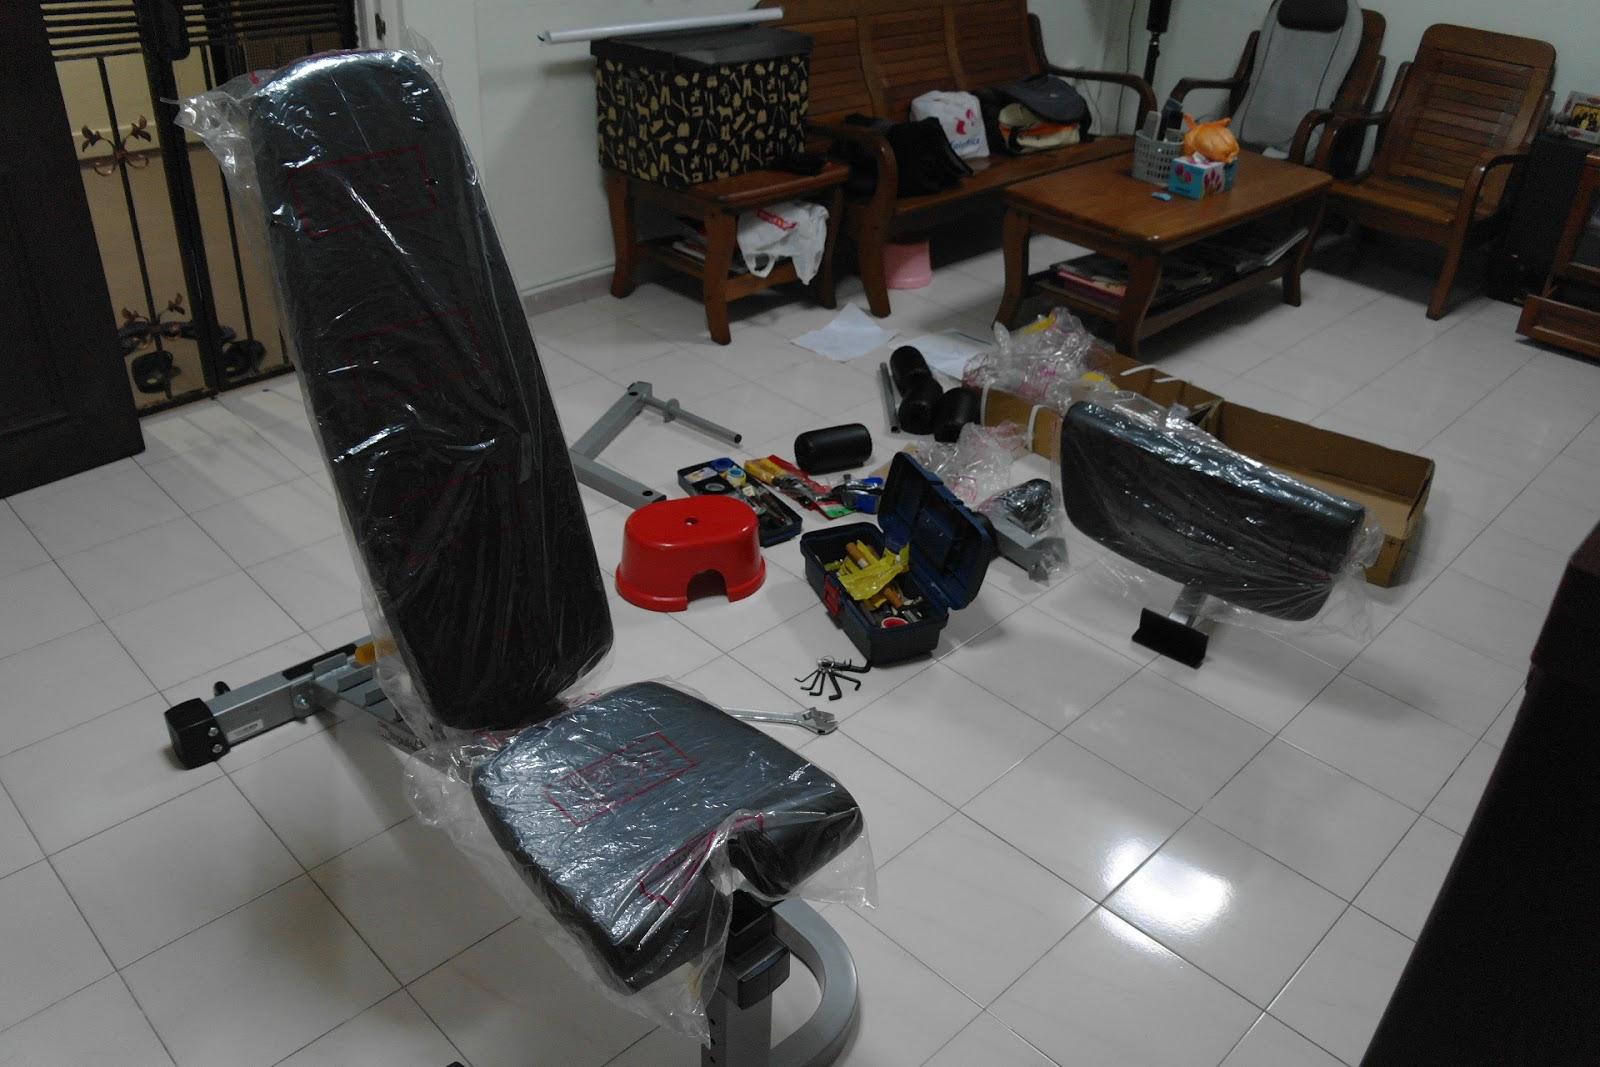 Singapore home gym undergoes